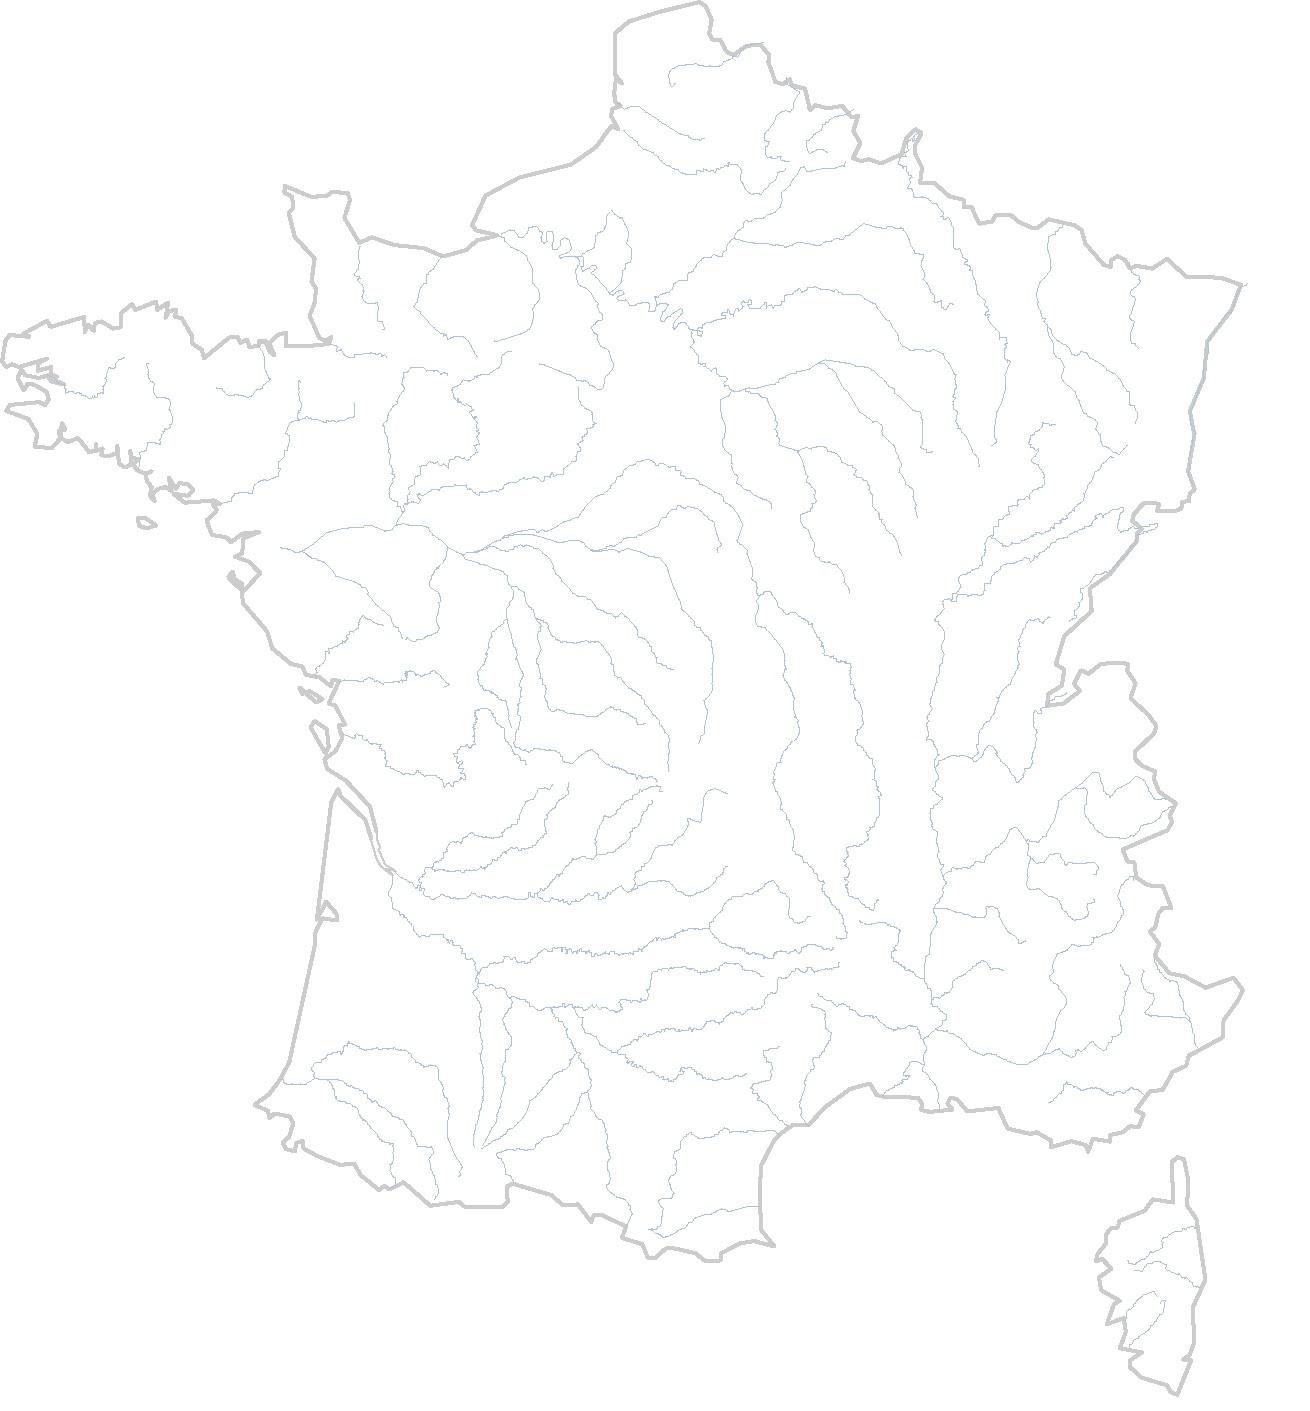 Cartes Vierges De La France À Imprimer - Chroniques pour Carte Vierge Des Régions De France